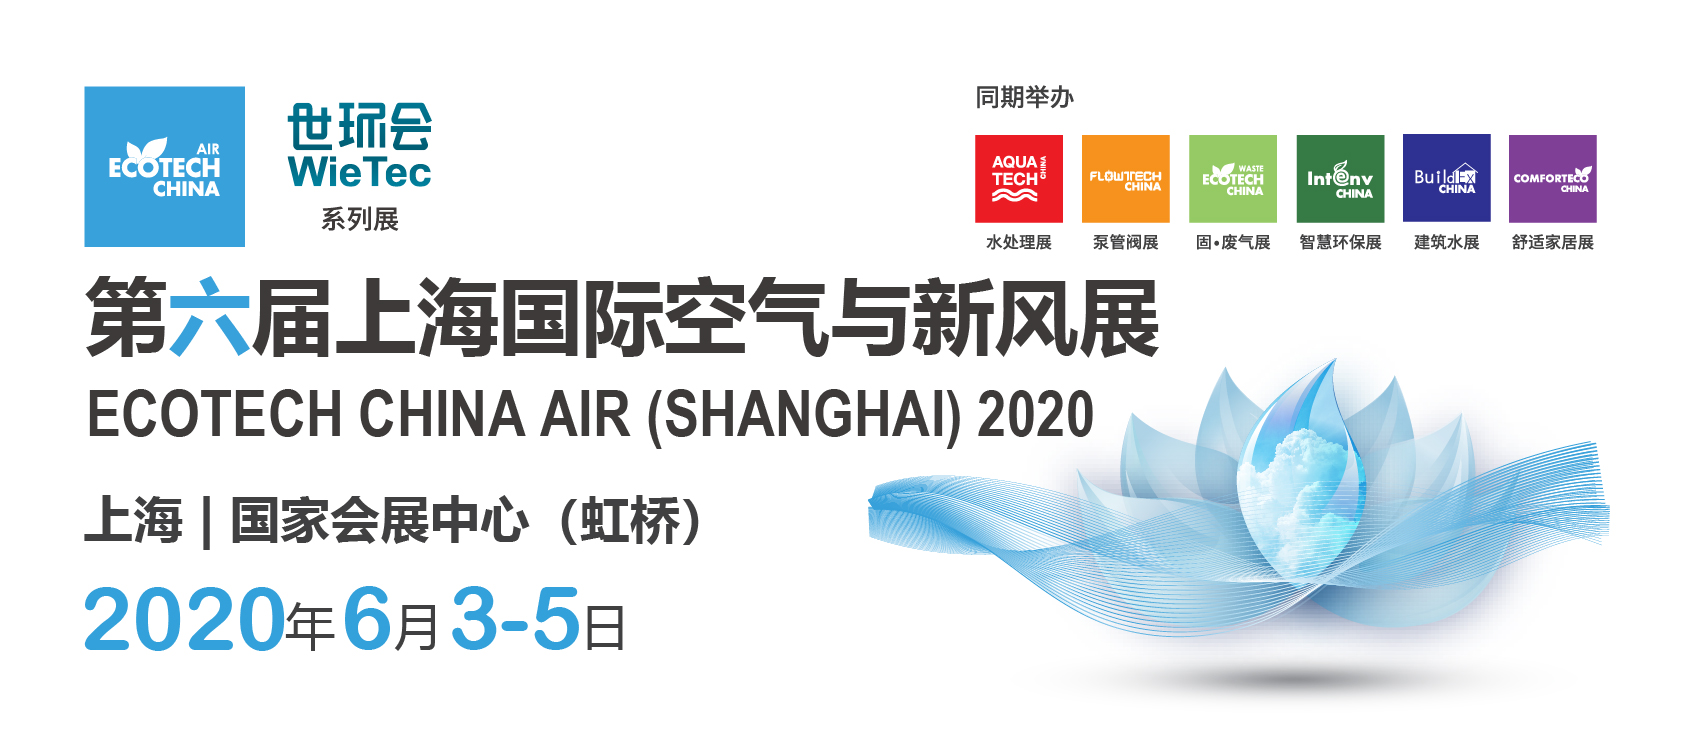 上海空气与新风展